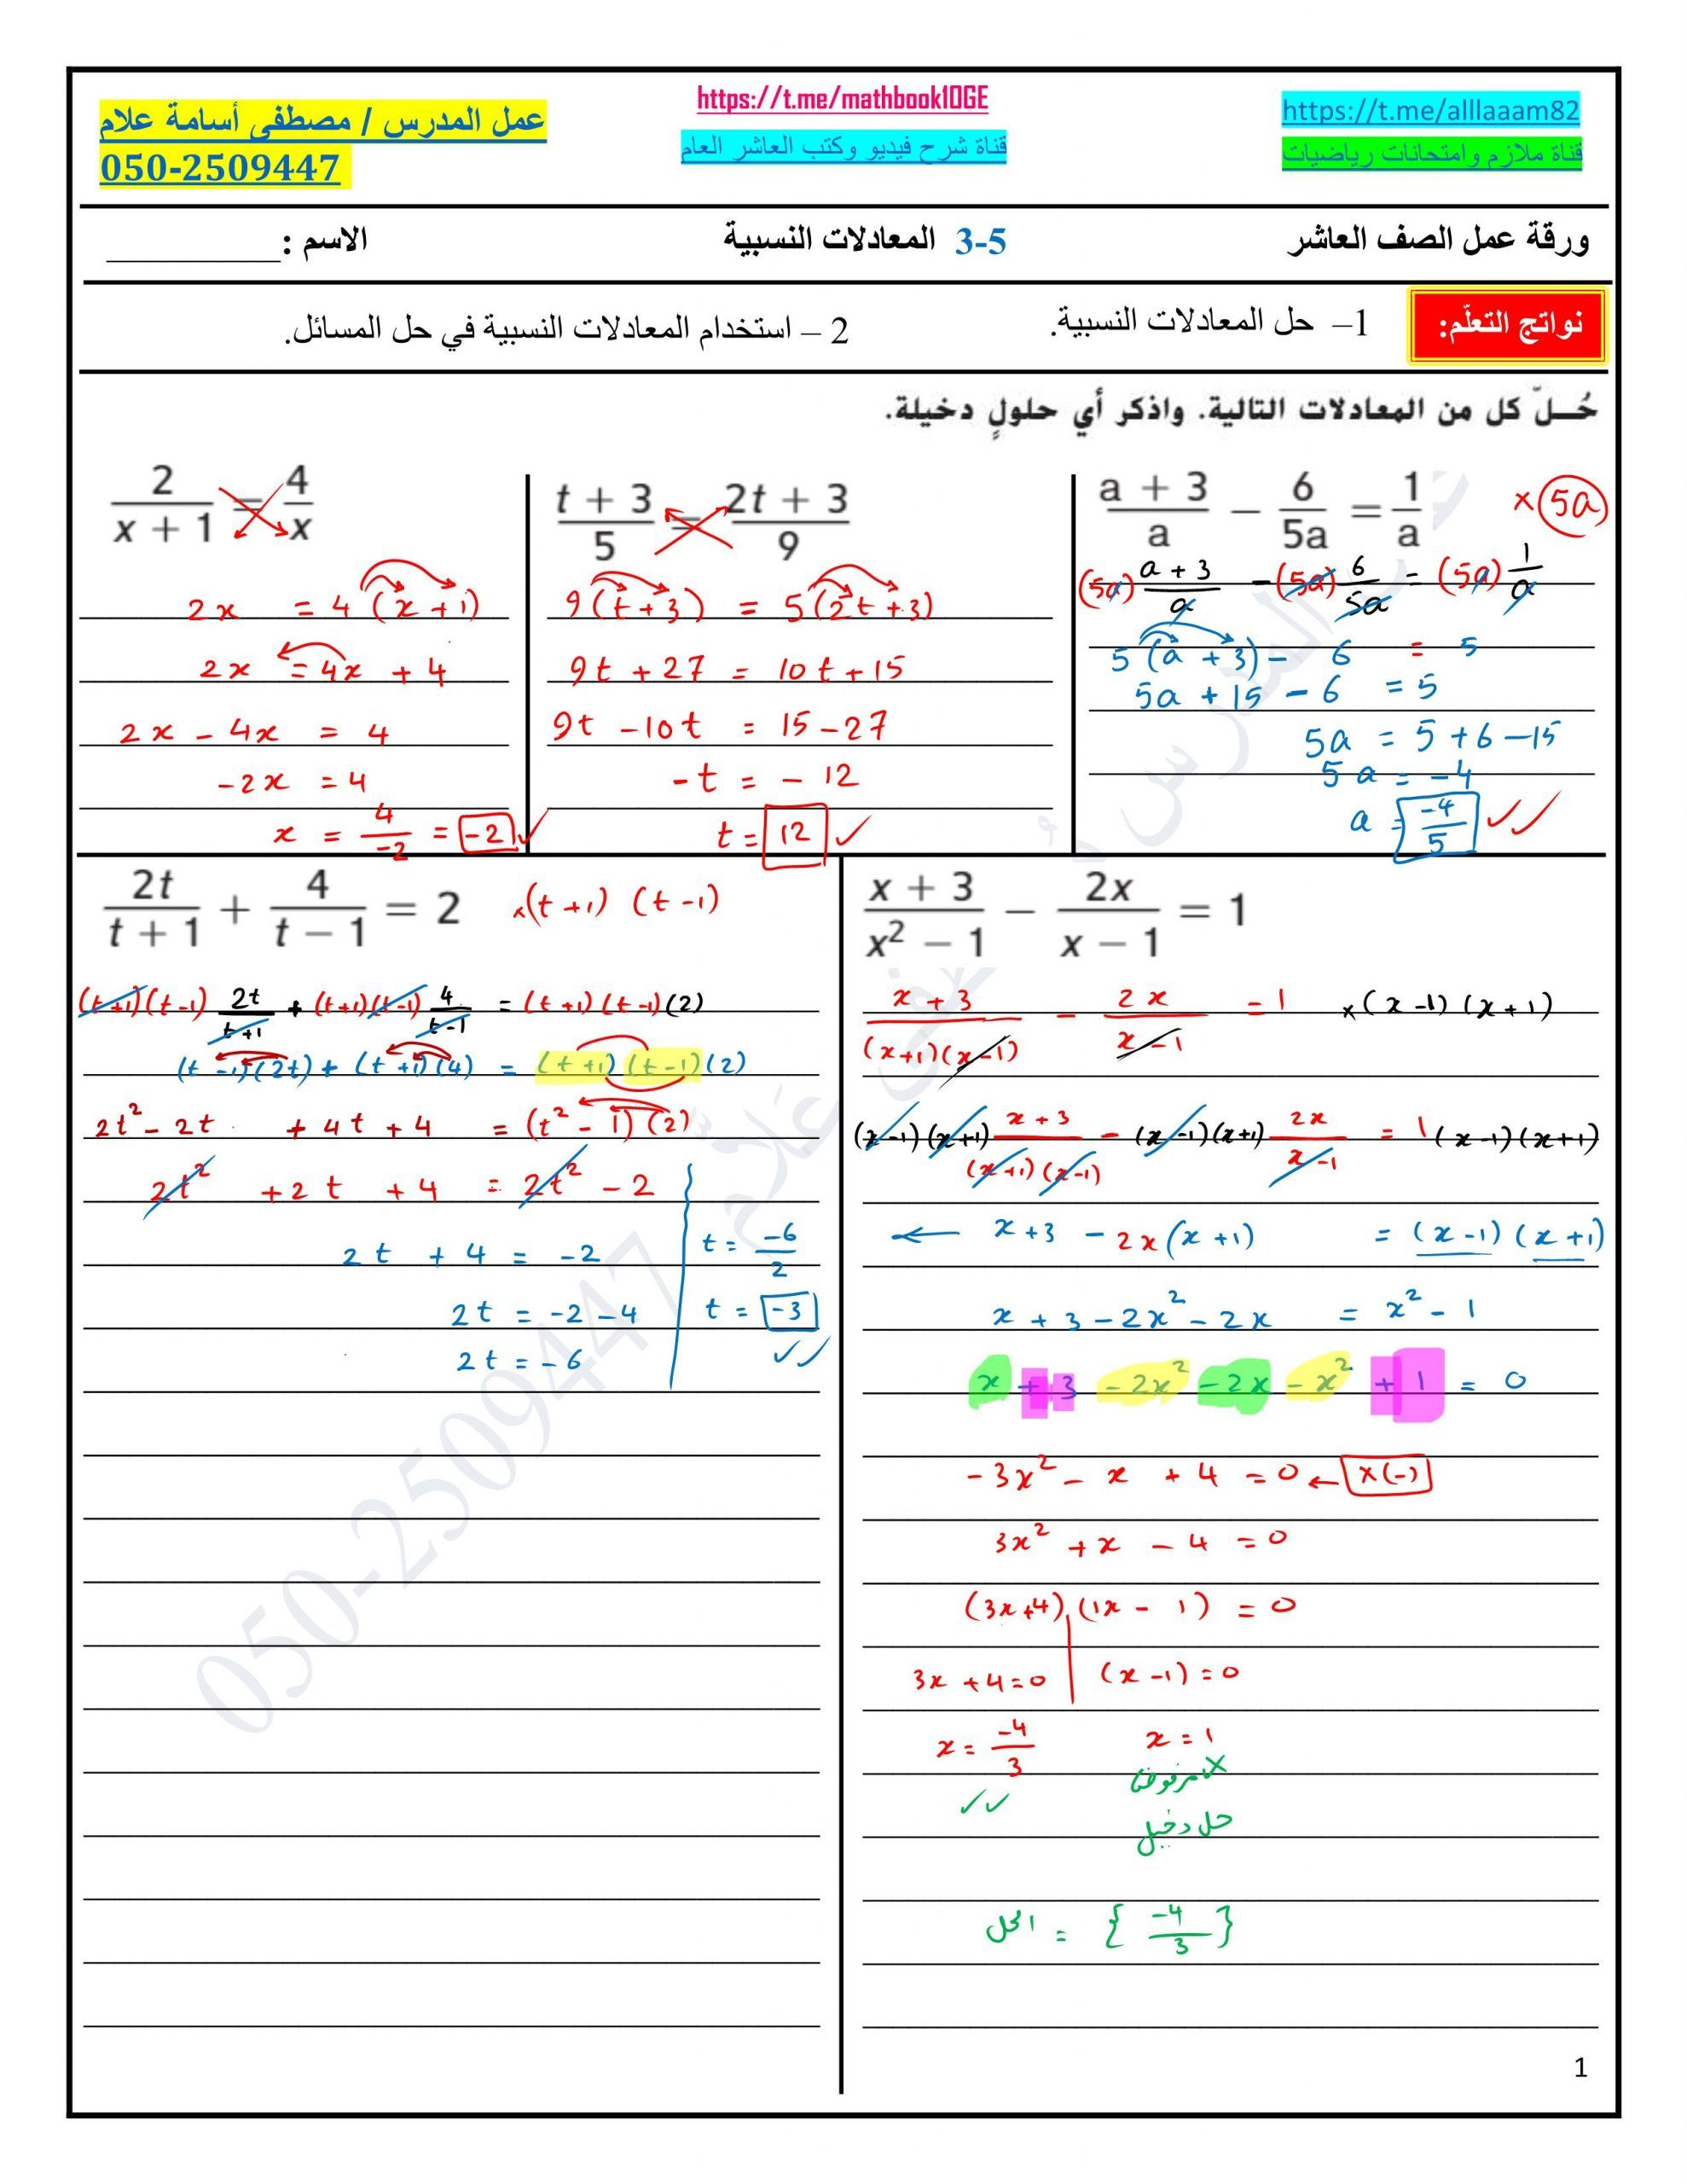 حل درس المعادلات النسبية الصف العاشر عام مادة الرياضيات المتكاملة Bullet Journal Journal